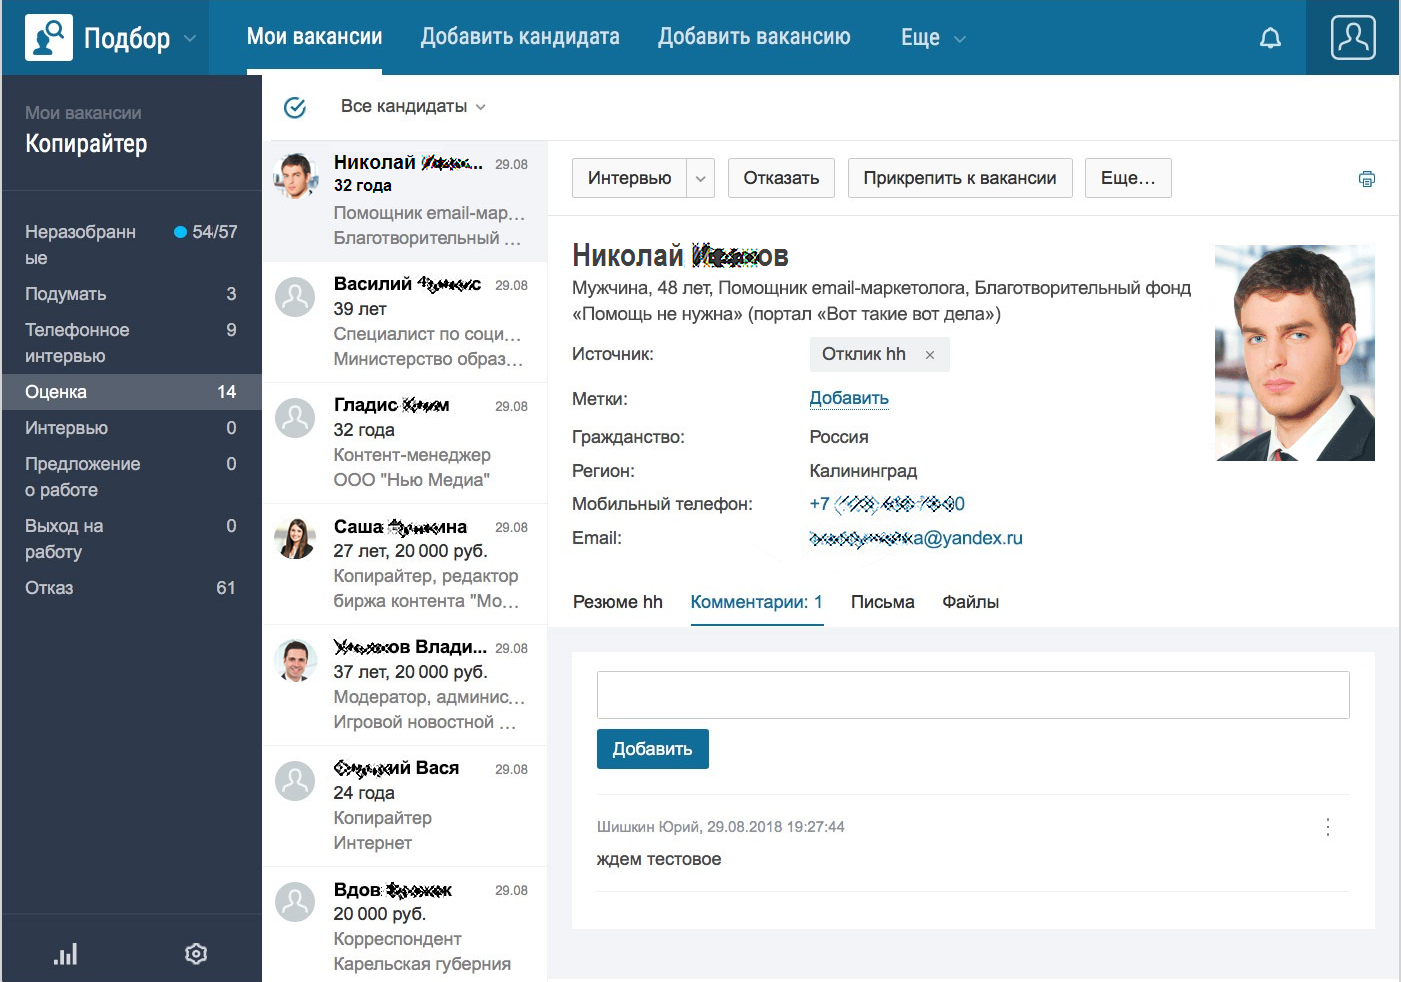 Резюме кандидата в системе управления персоналом и рекрутментом Talantix (Талантикс)